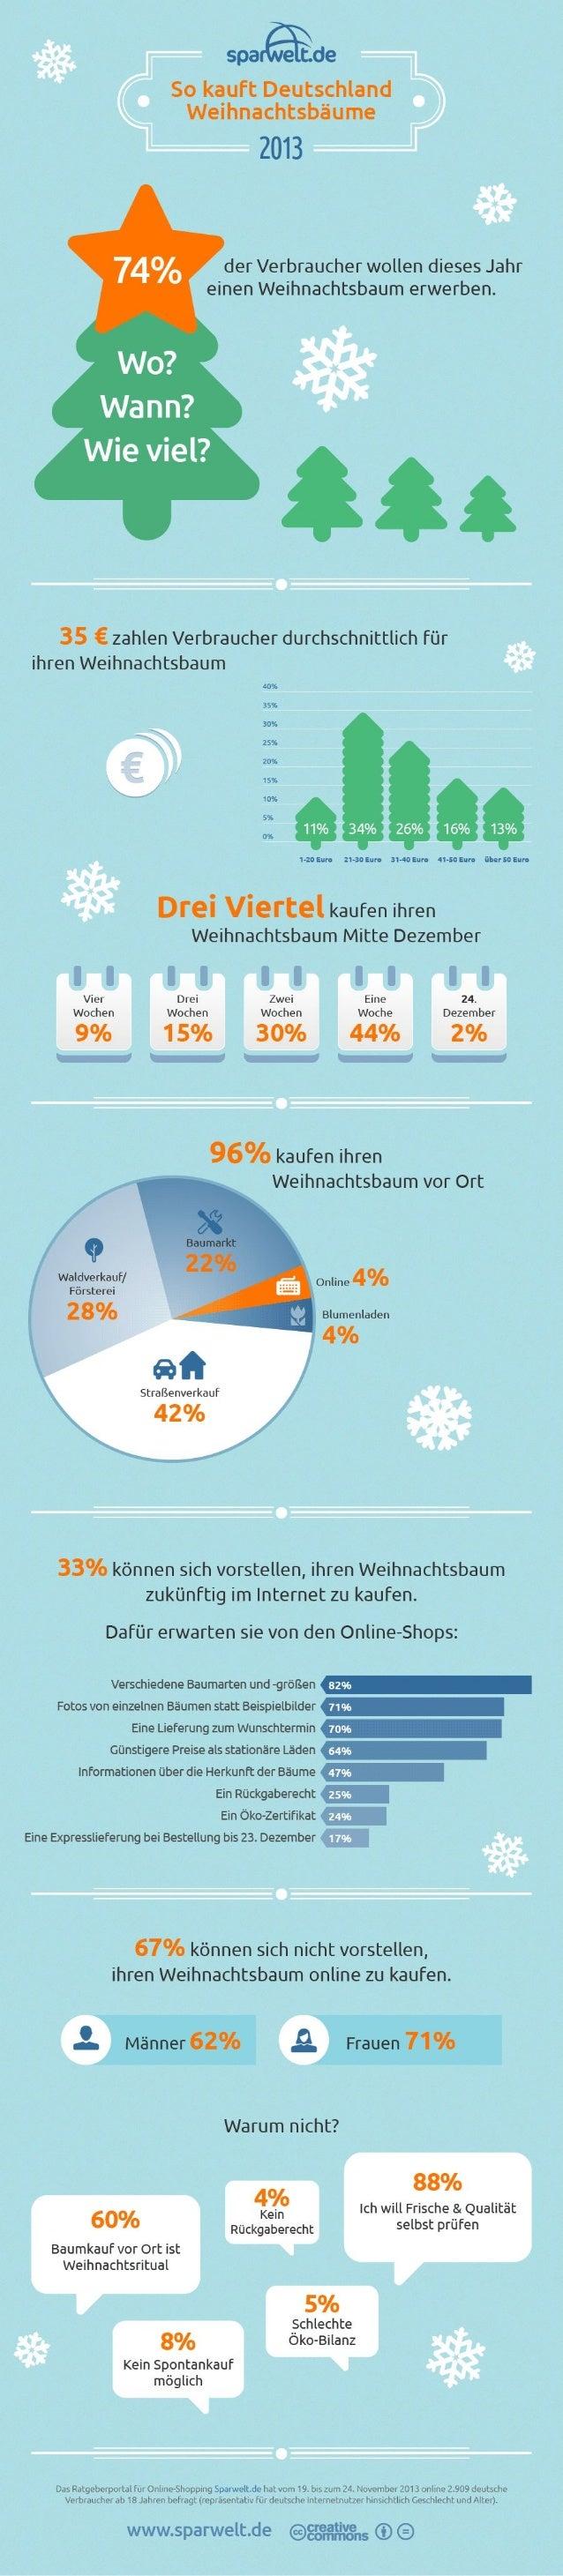 Sparwelt.de Infografik: Umfrage So kauft Deutschland 2013 Weihnachtsbäume